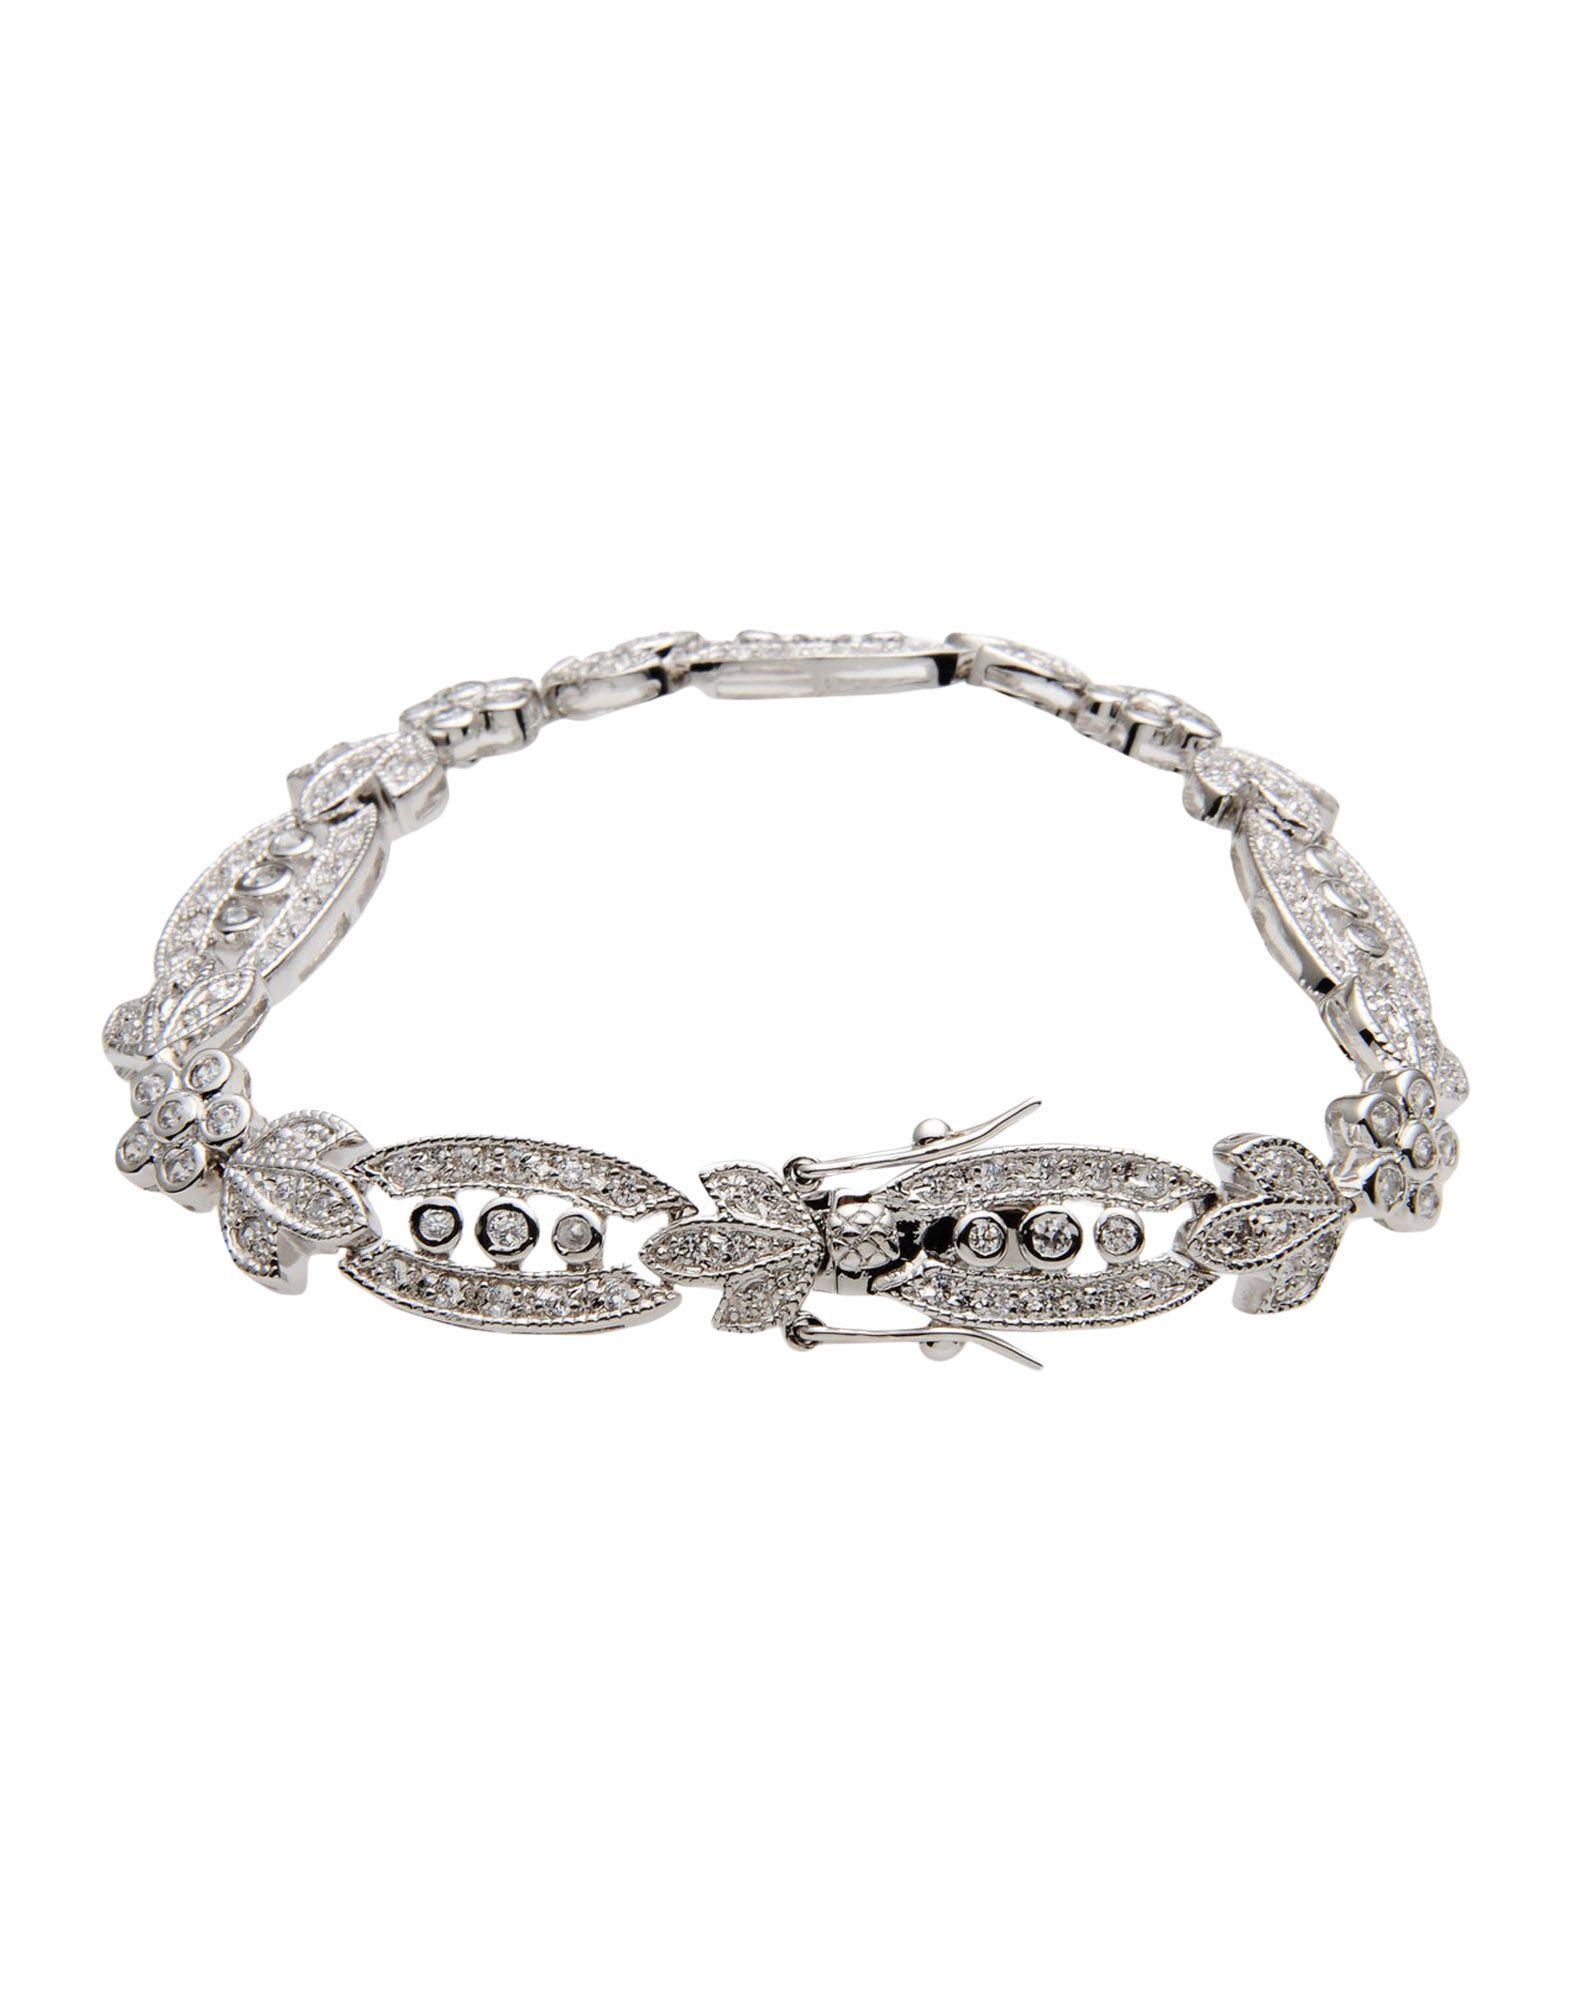 CZ BY KENNETH JAY LANE Bracelets